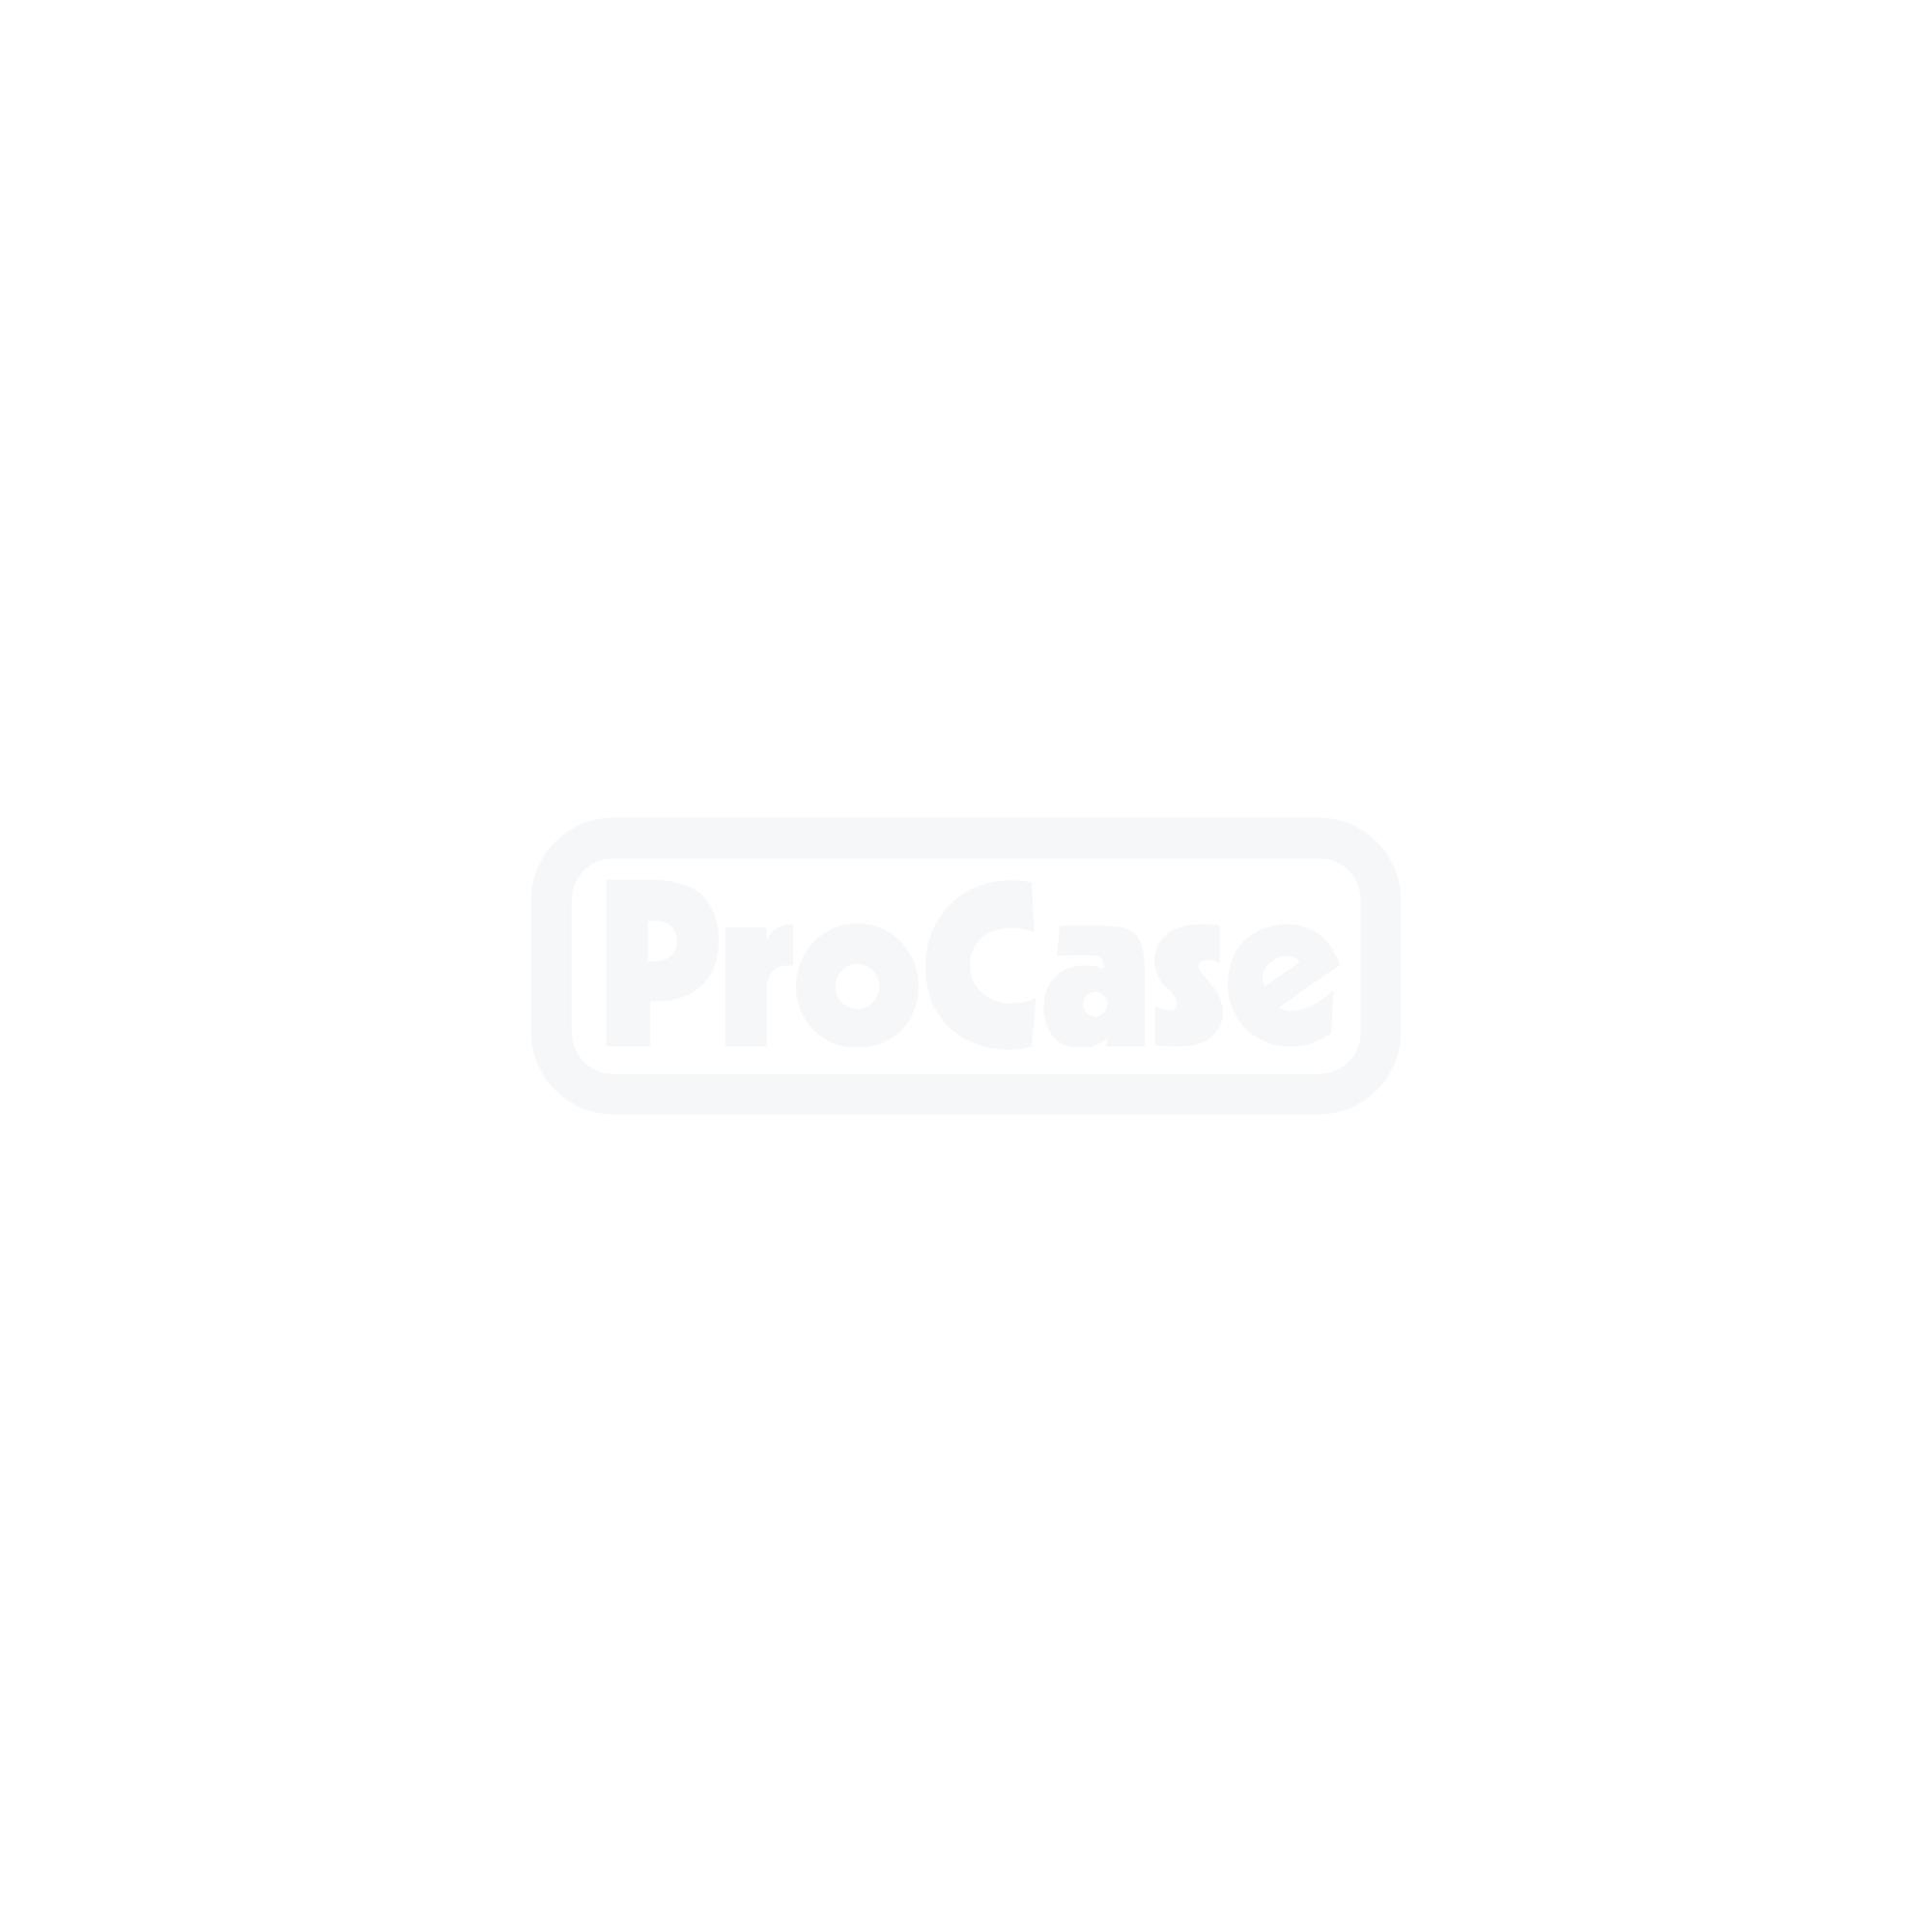 Rollenbrett für SINORA-Racks 2